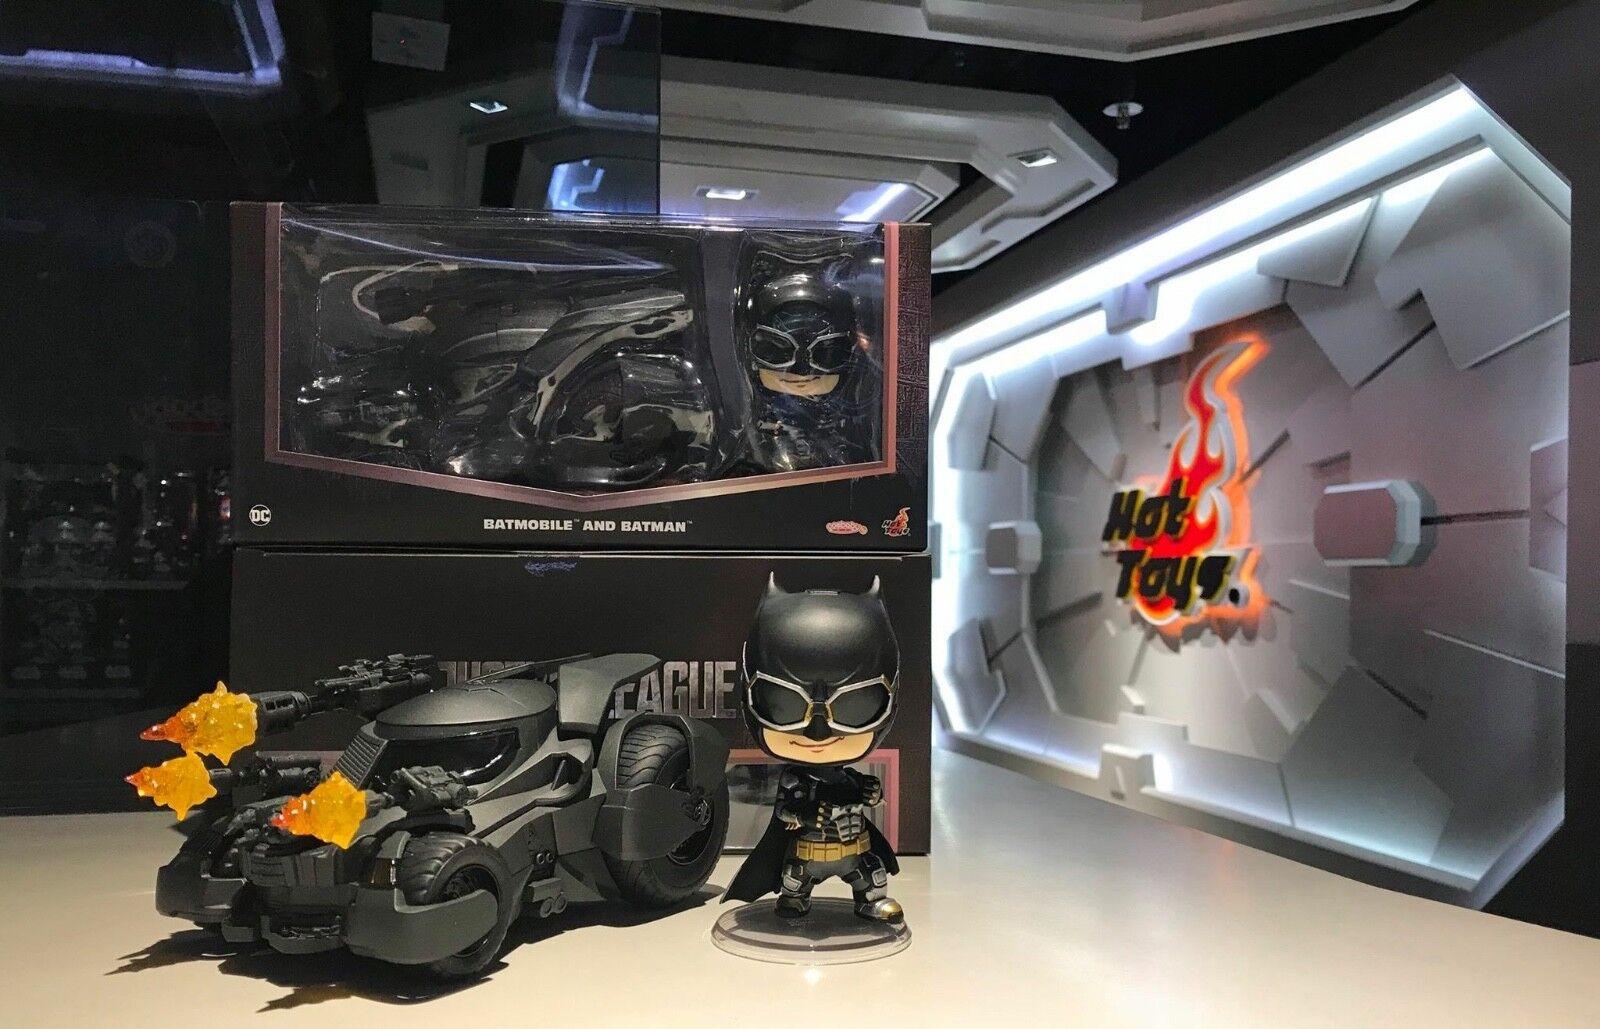 Heißes spielzeug gerechtigkeitsliga batman & batmobil cosbaby sammlerstück setzen